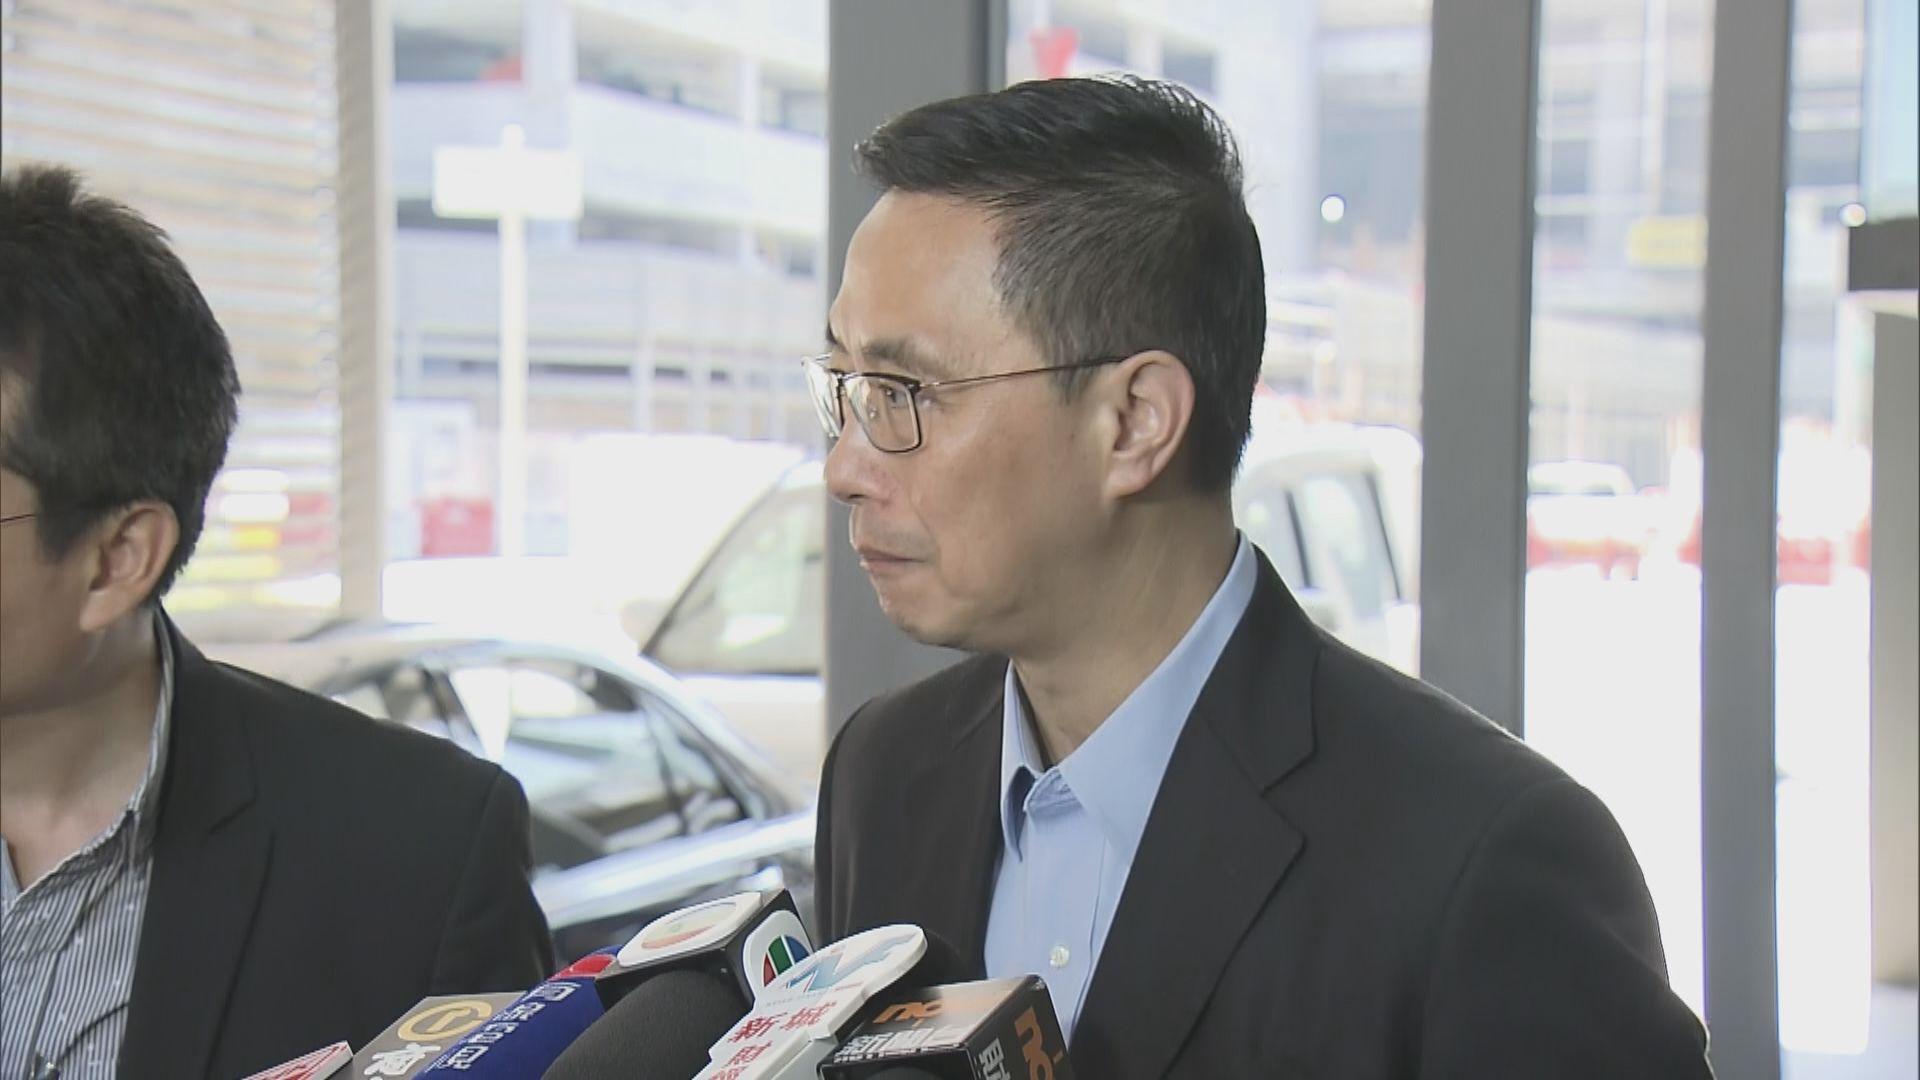 楊潤雄:考慮適當保留因縮班而過剩的教師